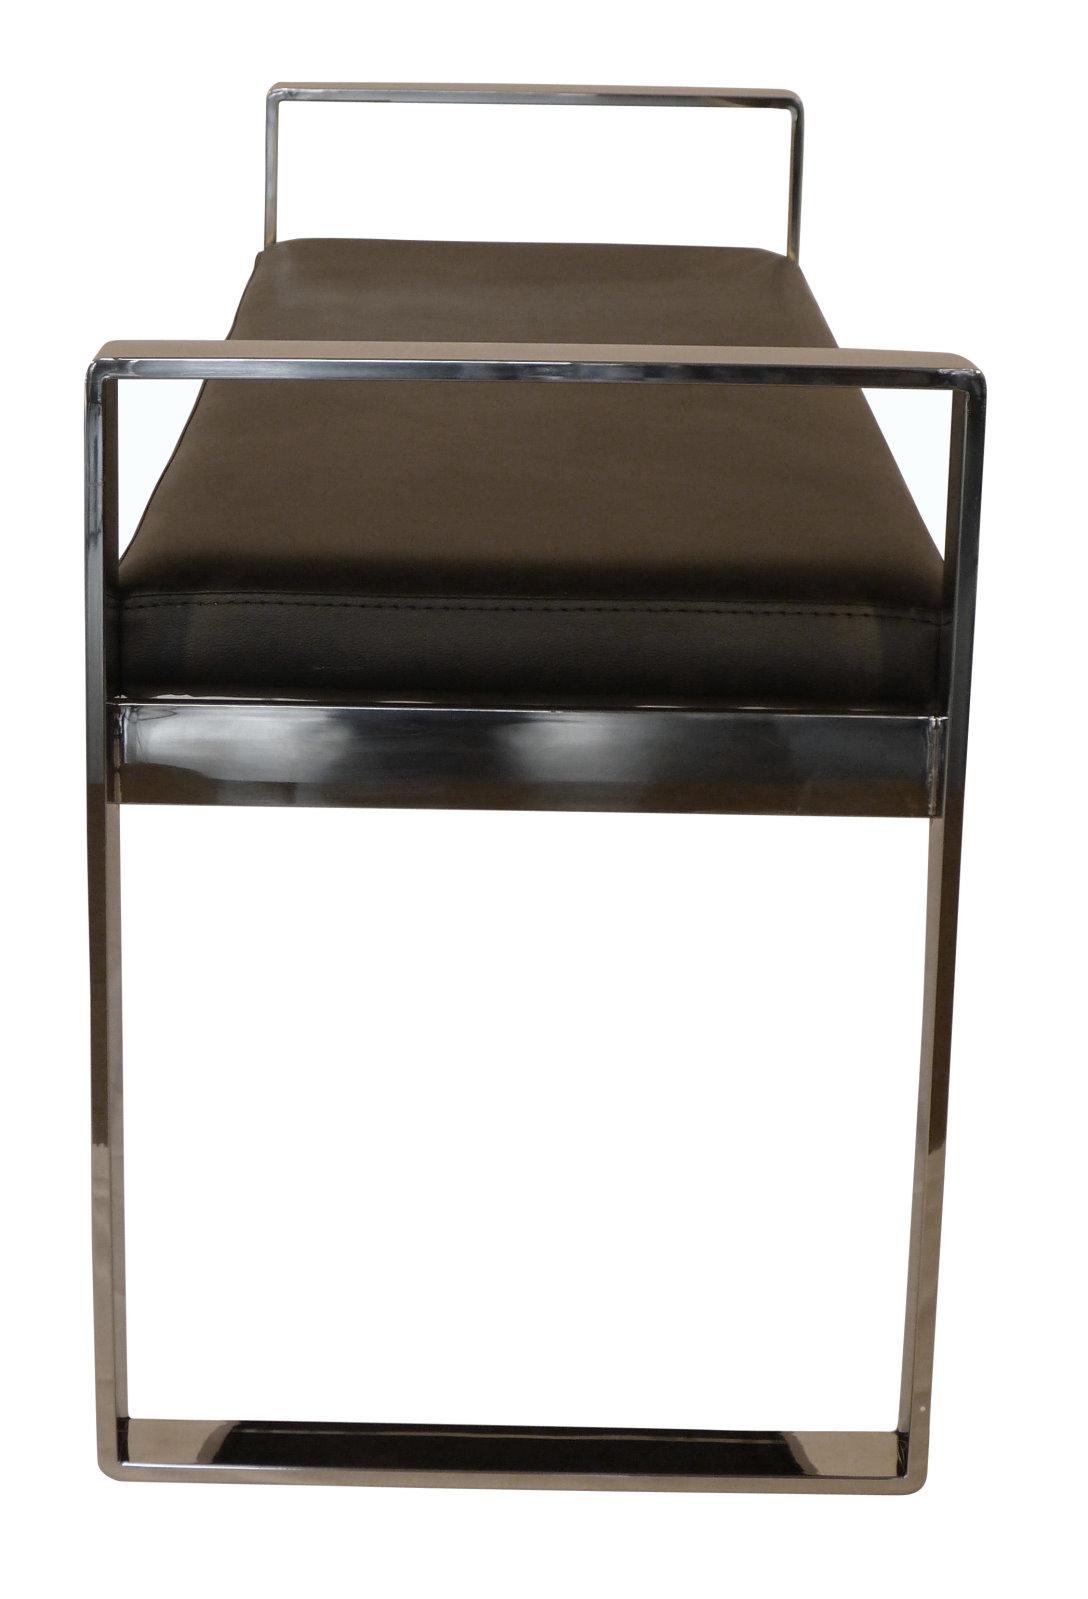 badly bitten design leder sitzbank houston flur diele bank polsterbank verchromt ebay. Black Bedroom Furniture Sets. Home Design Ideas